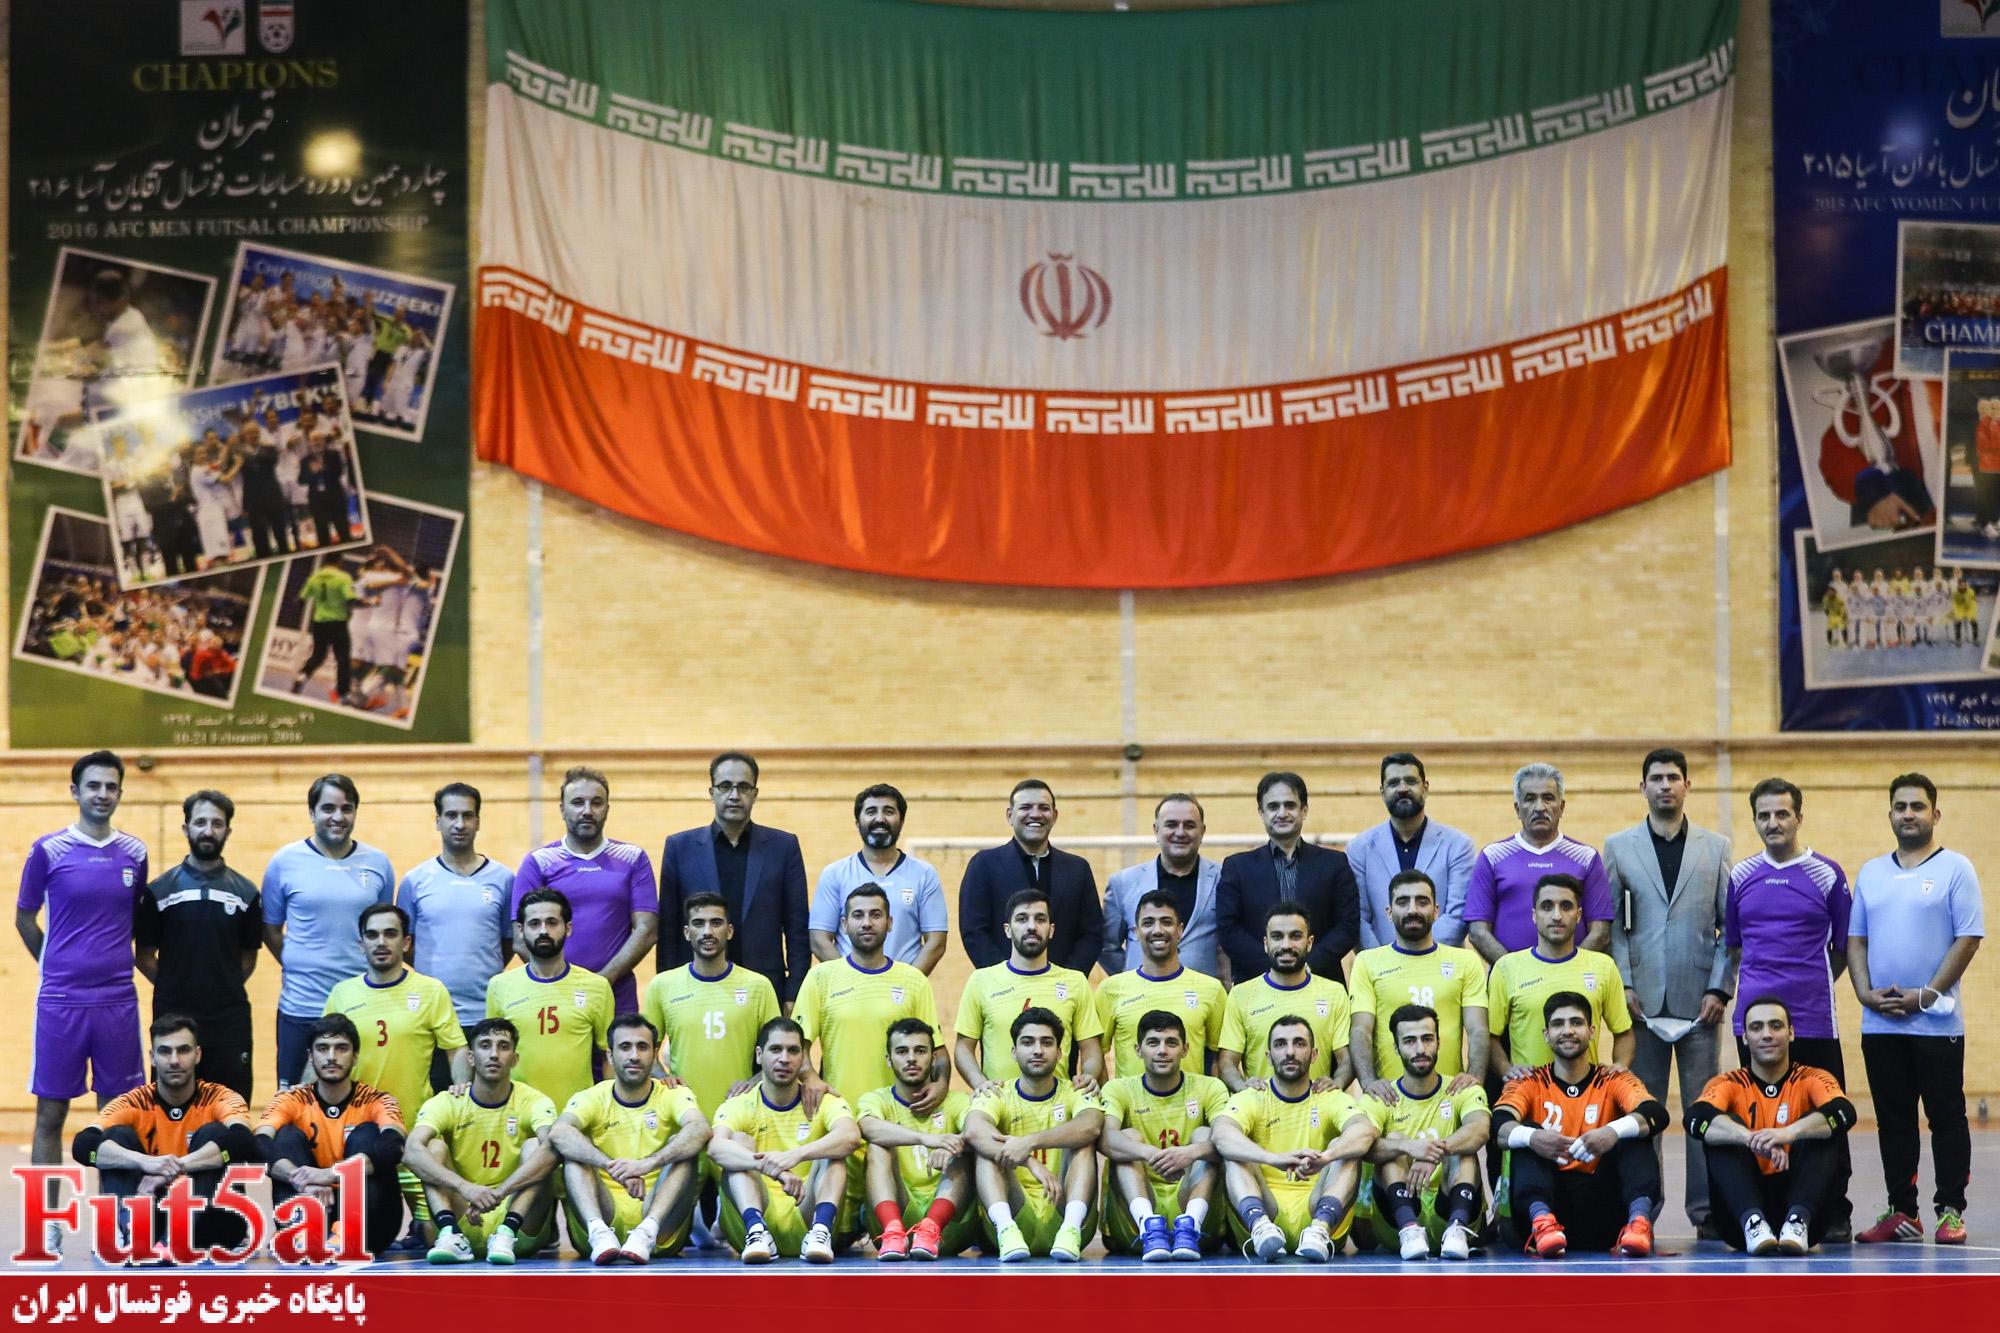 ملی پوش فوتسال انگلیس پیگیر دیدار ایران – صربستان در جام جهانی